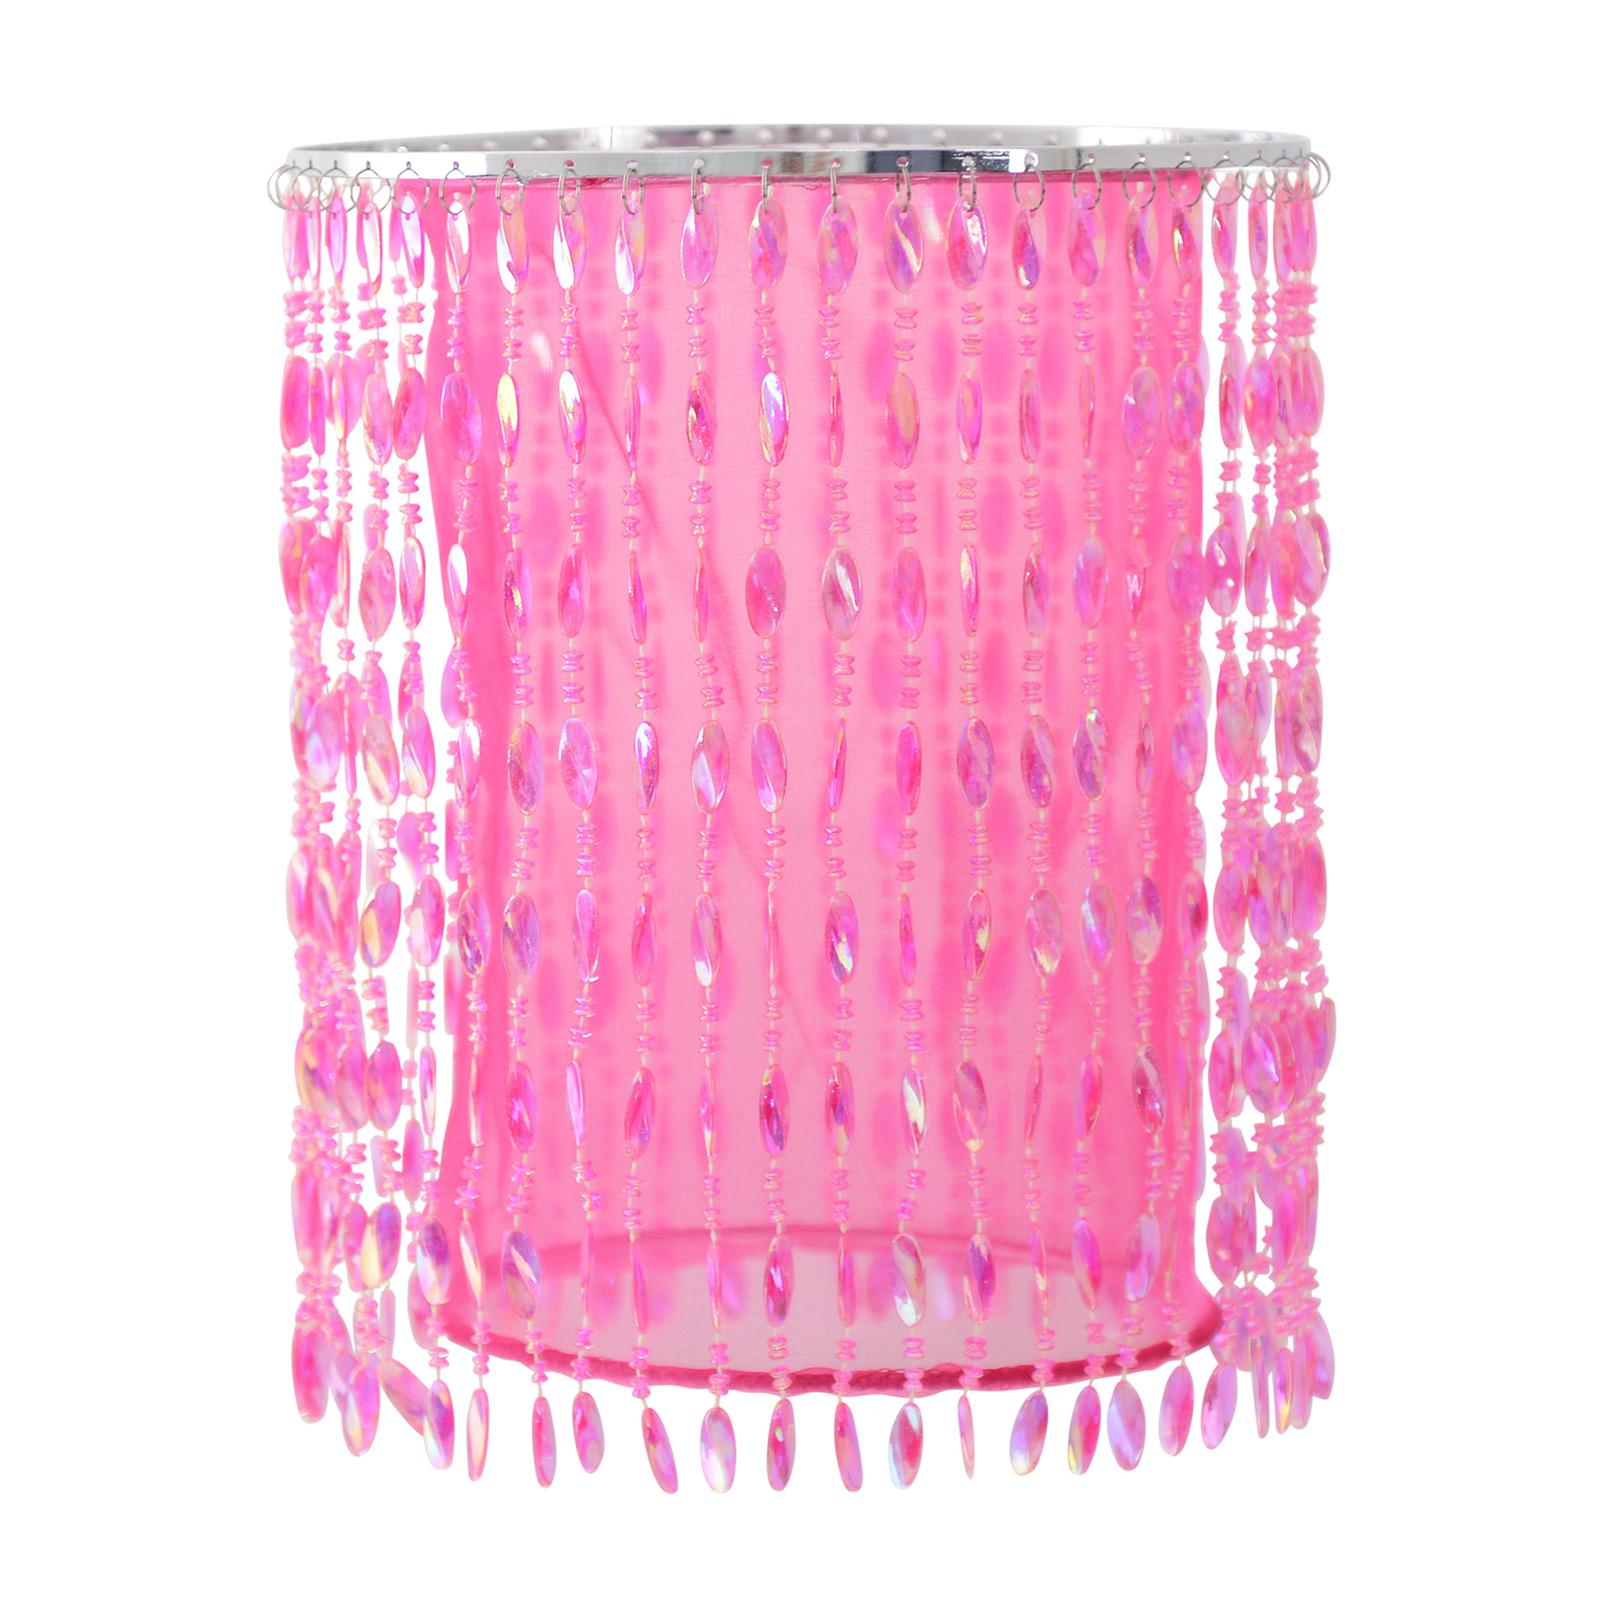 Hanglamp 6008419 met decoratiestenen, pink